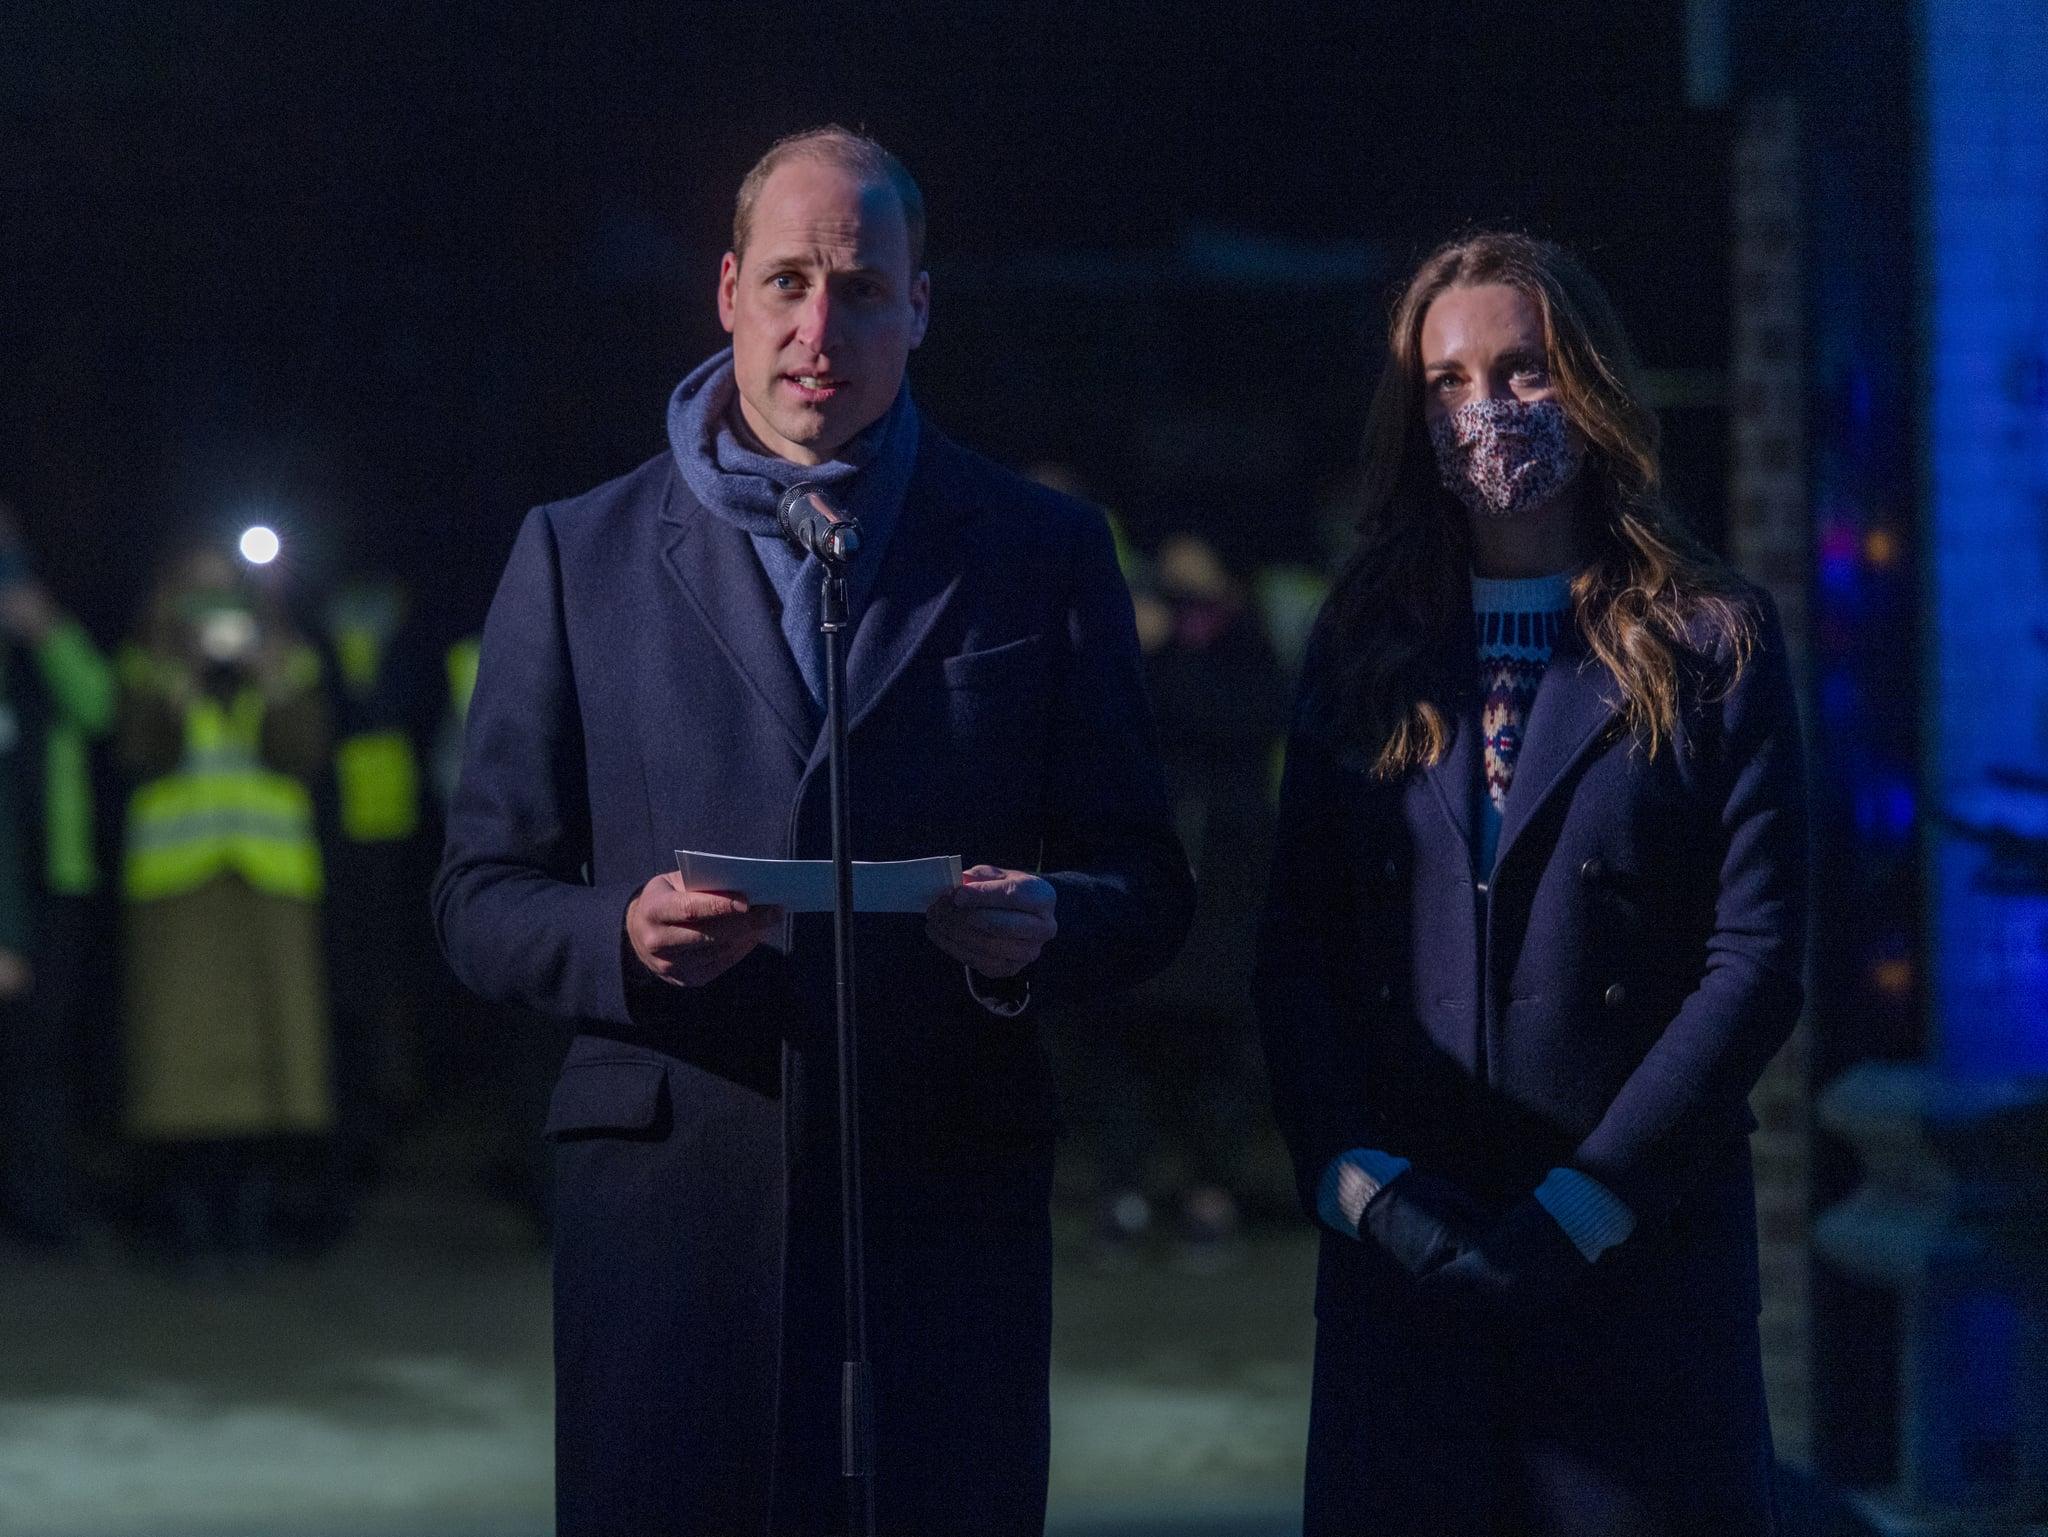 William e Kate estão em pé. William segura um papel e olha para frente. Eles estão com as mesmas roupas do desembarque.